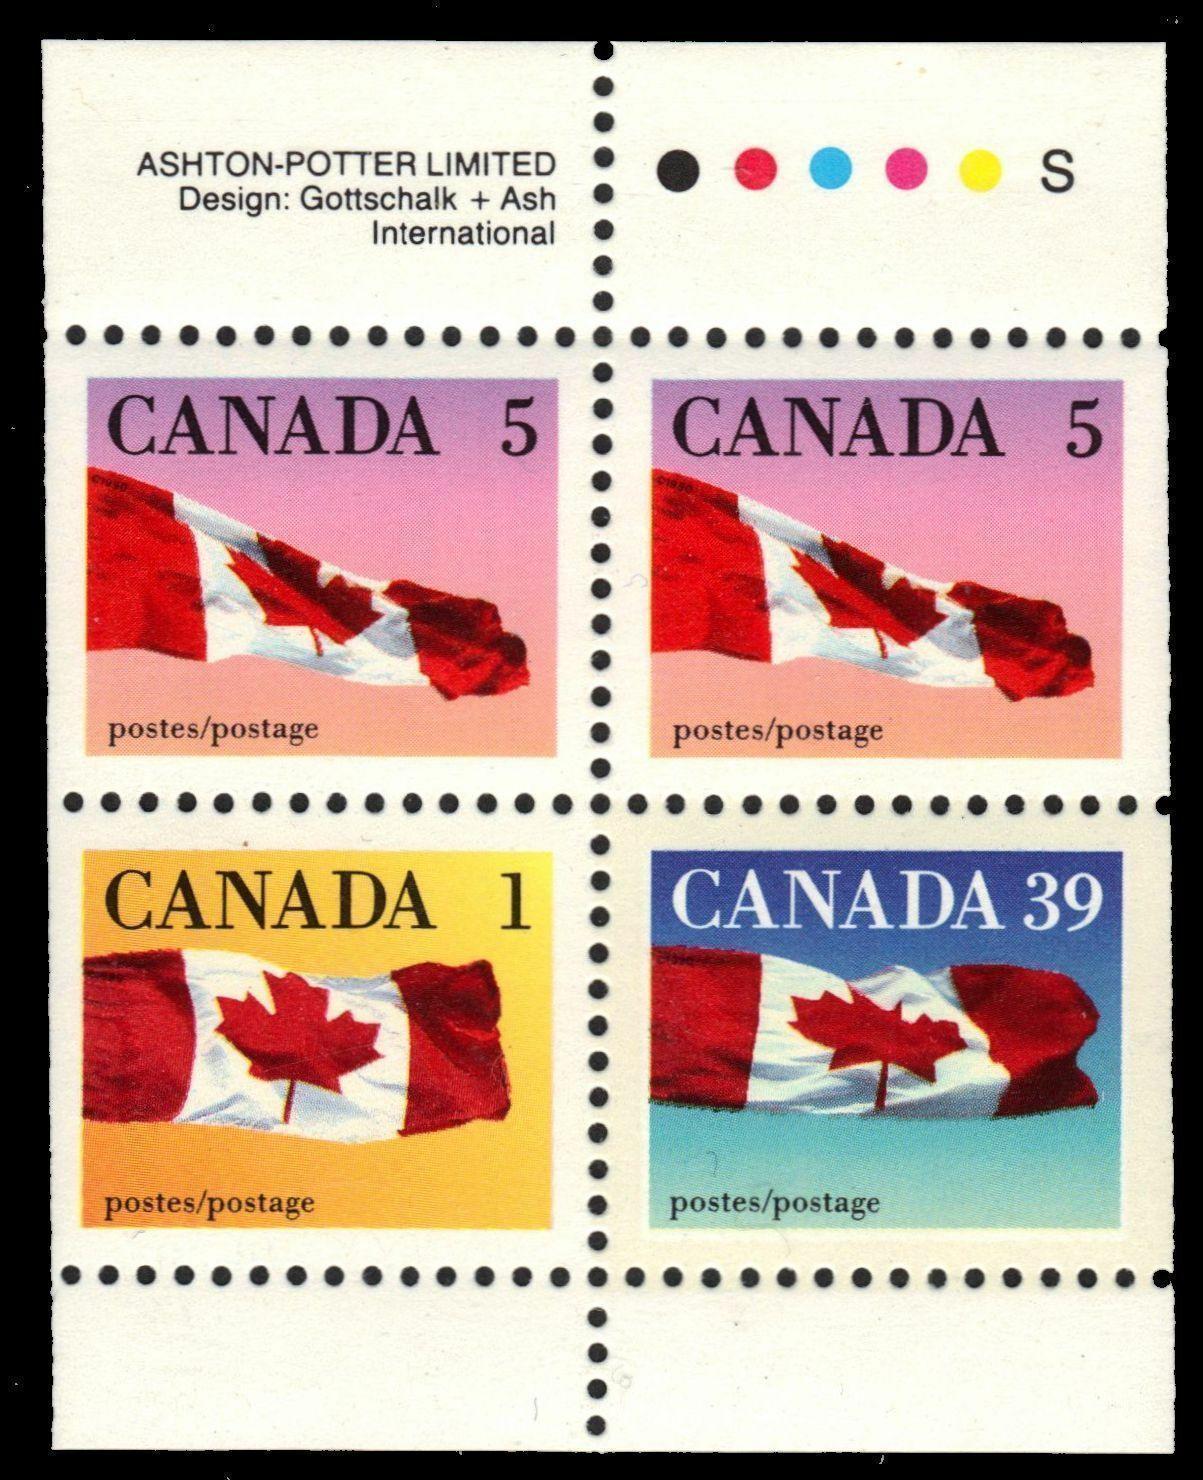 Canada - Scott #1189c (1990) booklet pane of 4